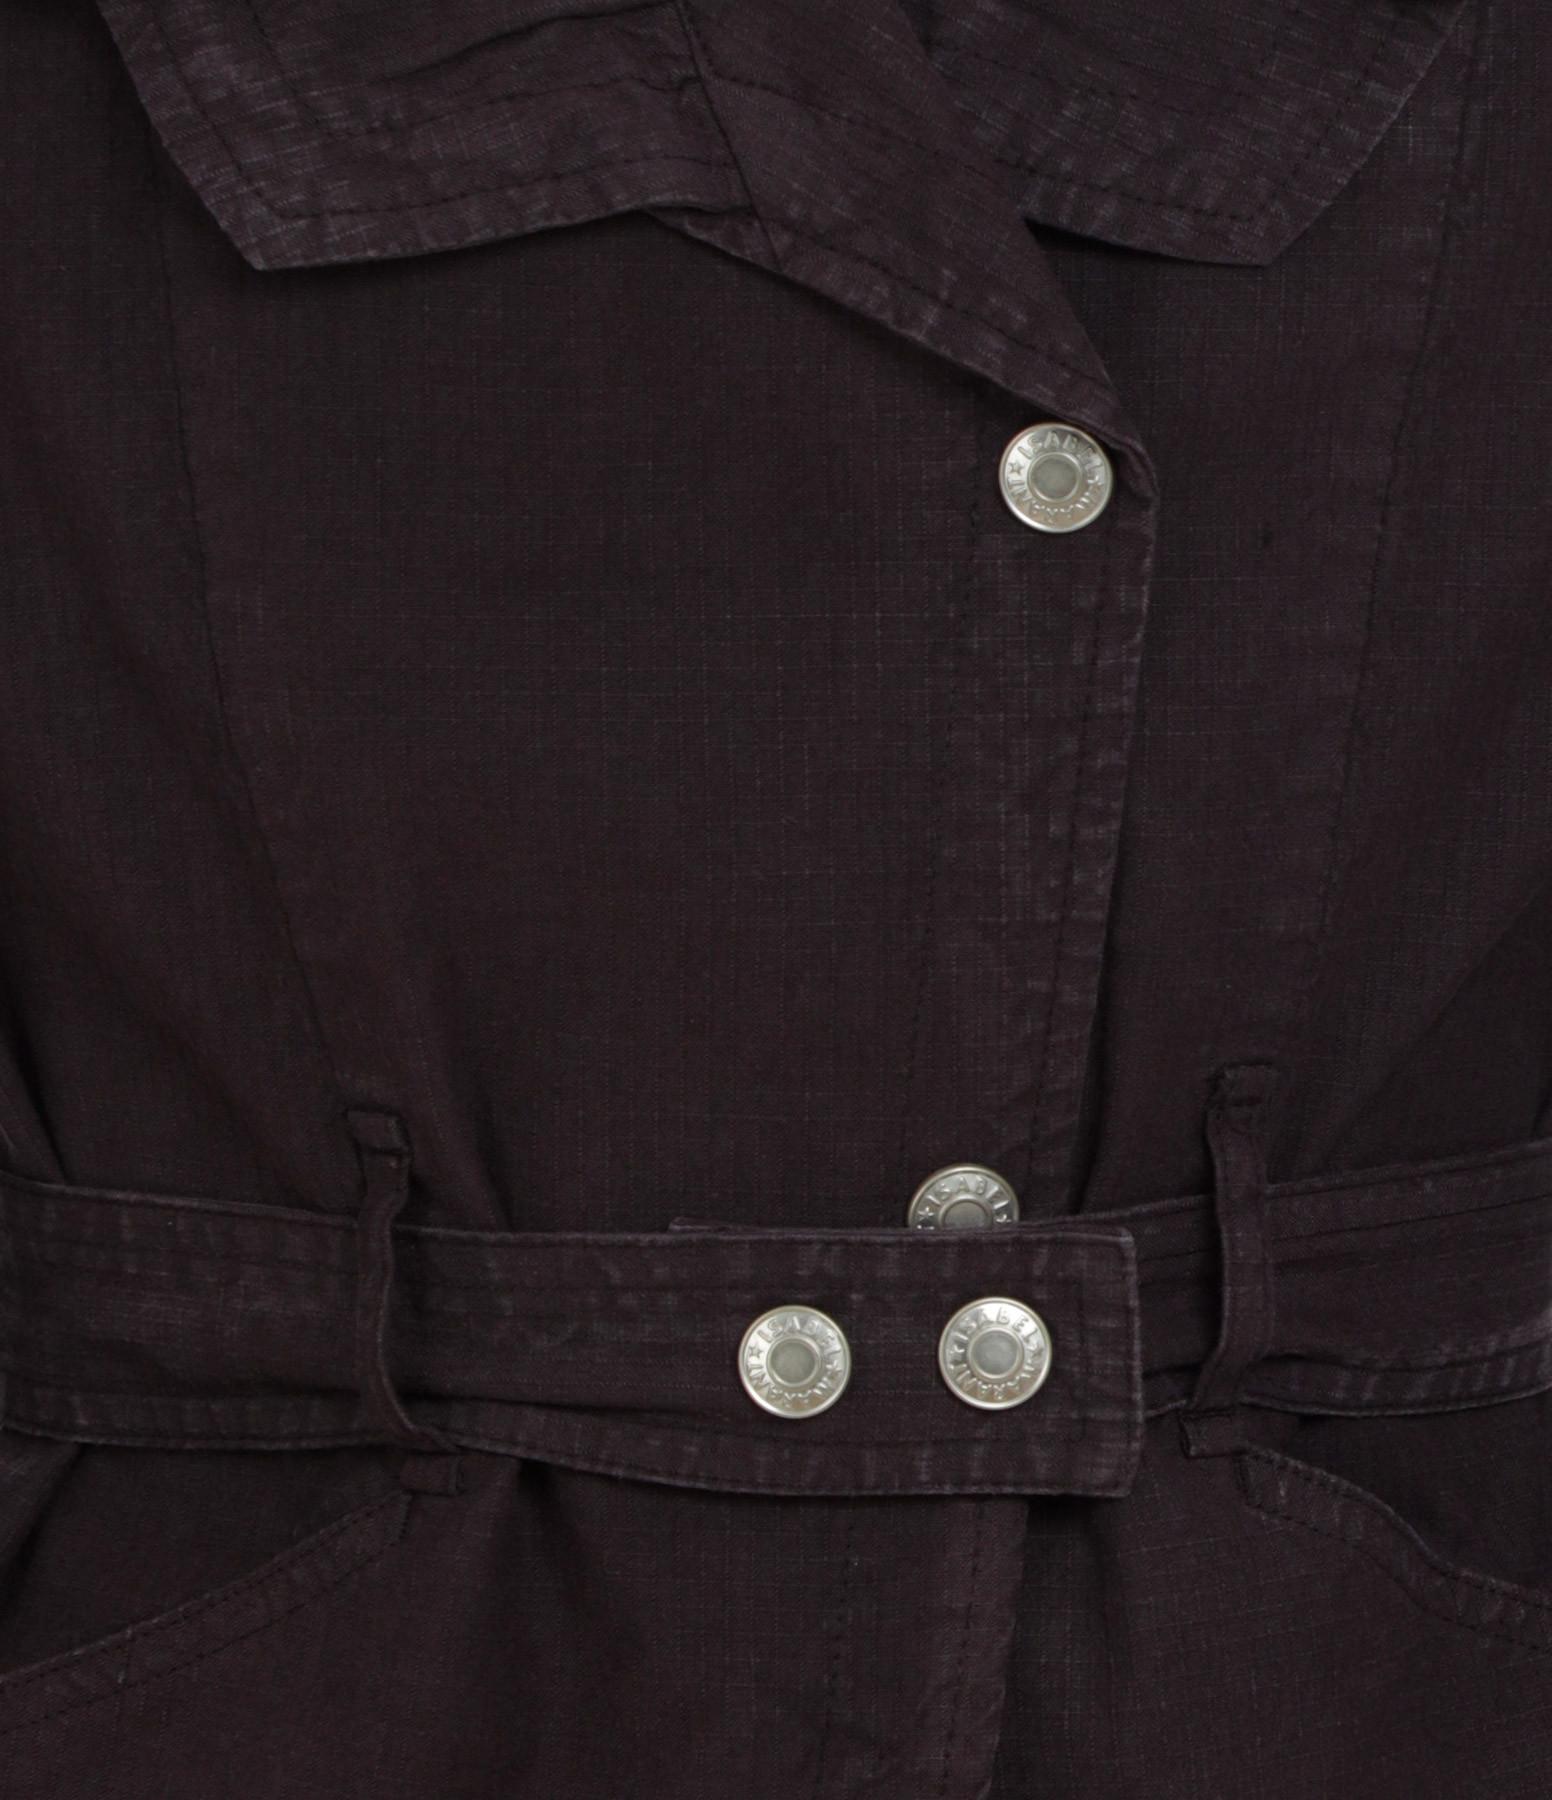 ISABEL MARANT - Veste Epaline Lin Coton Bleu Nuit